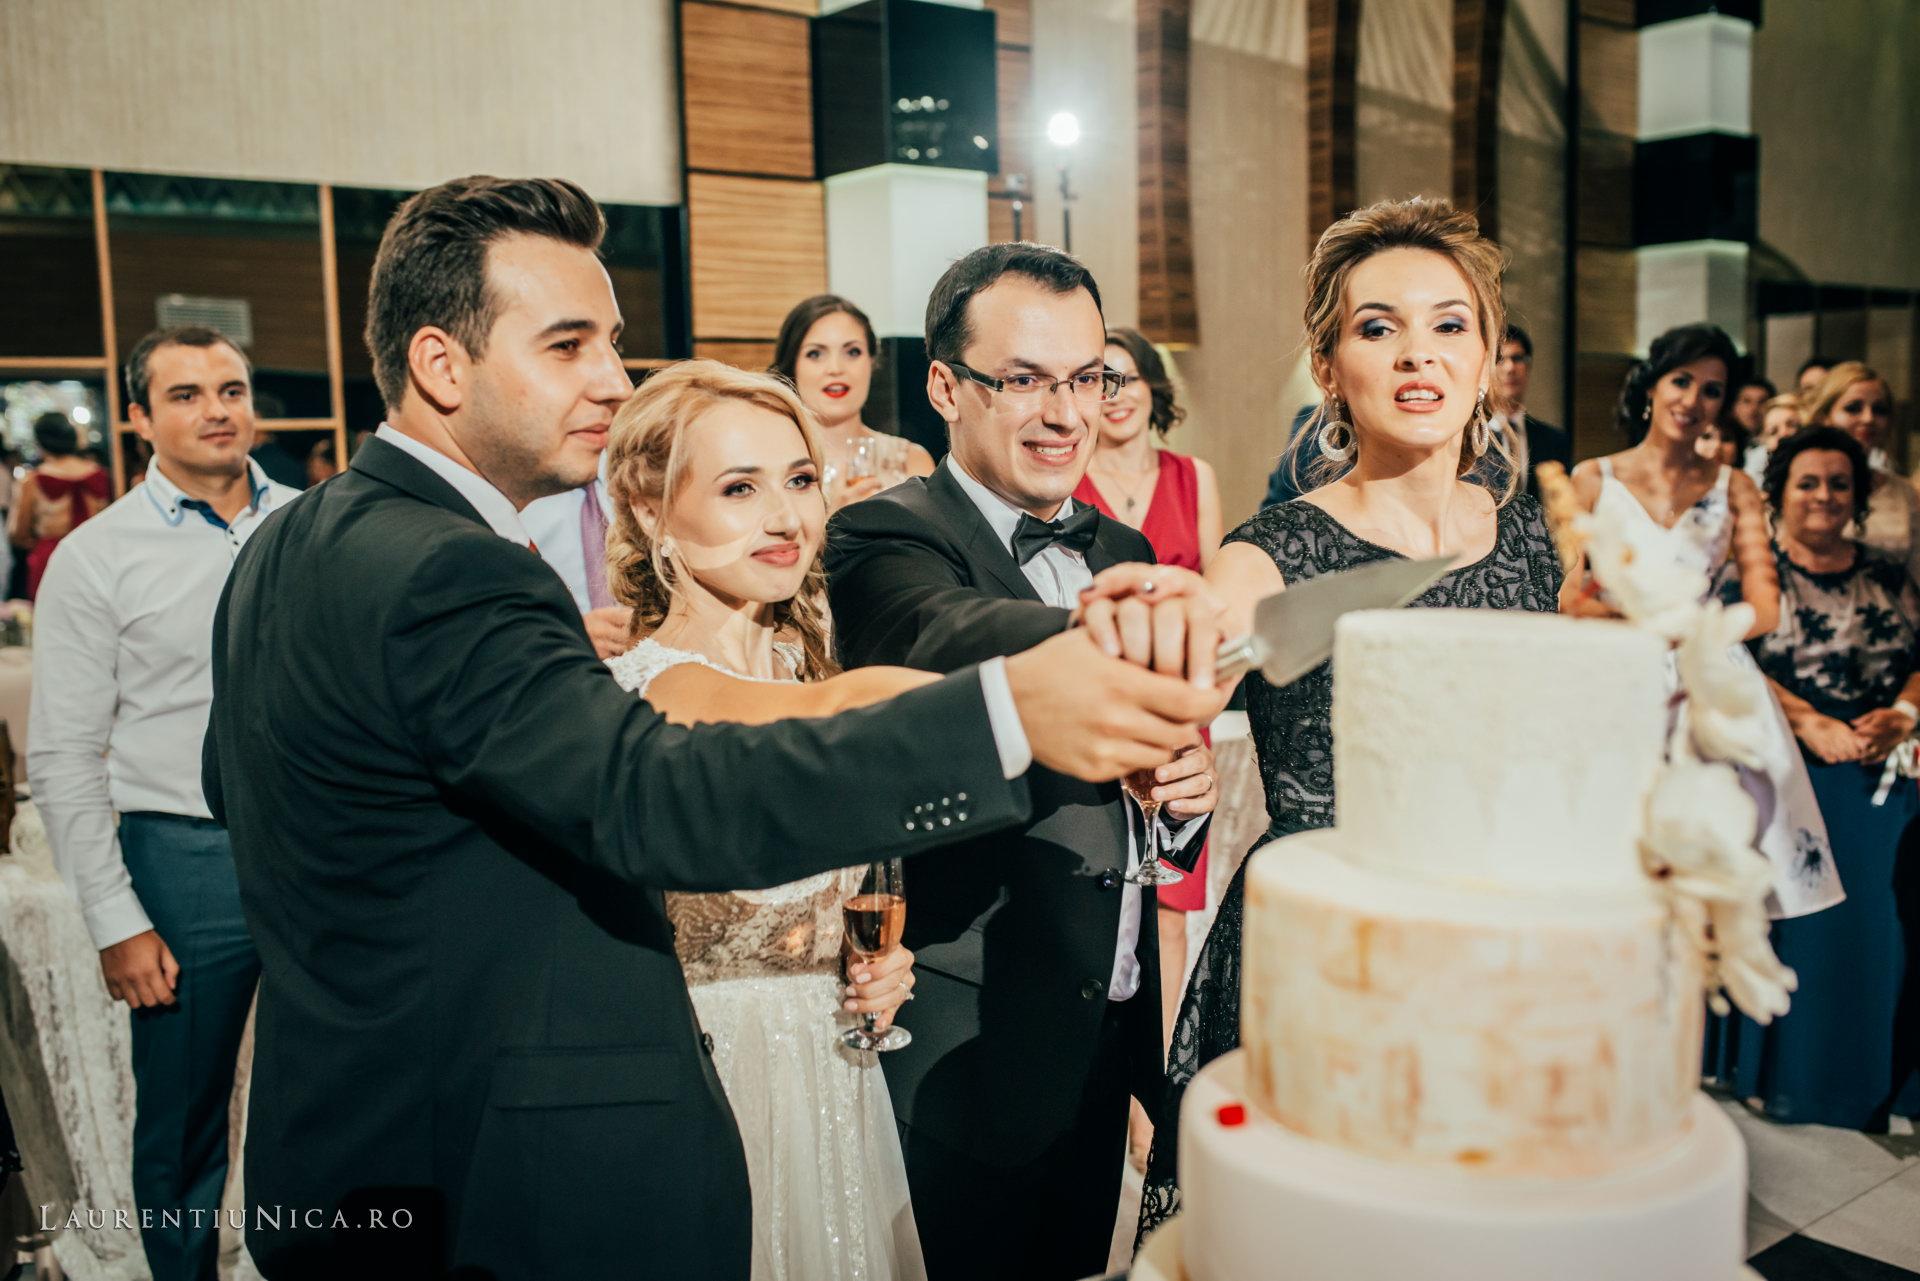 alina si razvan craiova fotograf nunta laurentiu nica70 - Alina & Razvan | Fotografii nunta